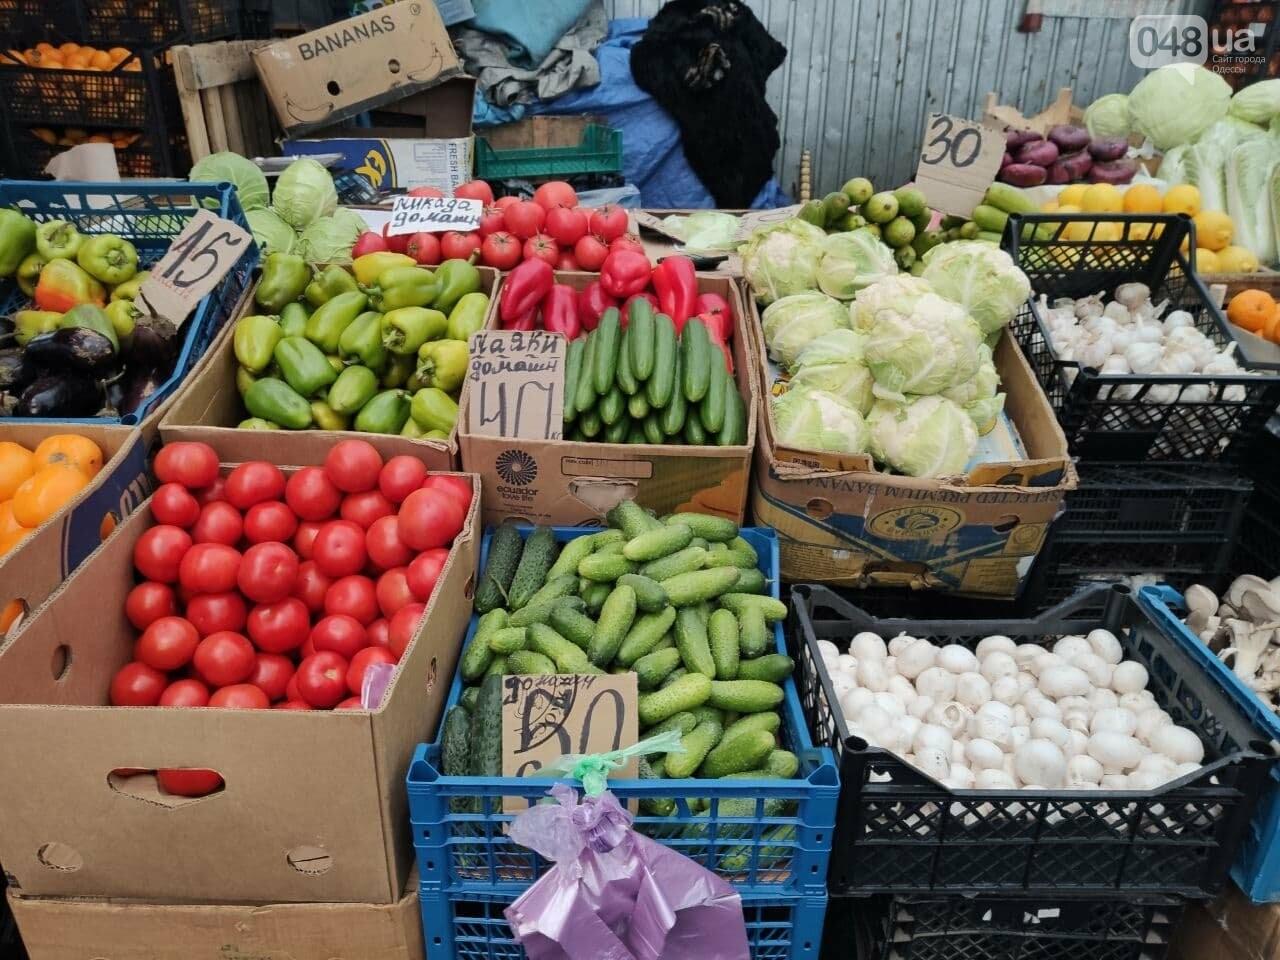 Гранат, лимоны, синенькие: почем на одесском Привозе фрукты и овощи, - ФОТО, фото-1